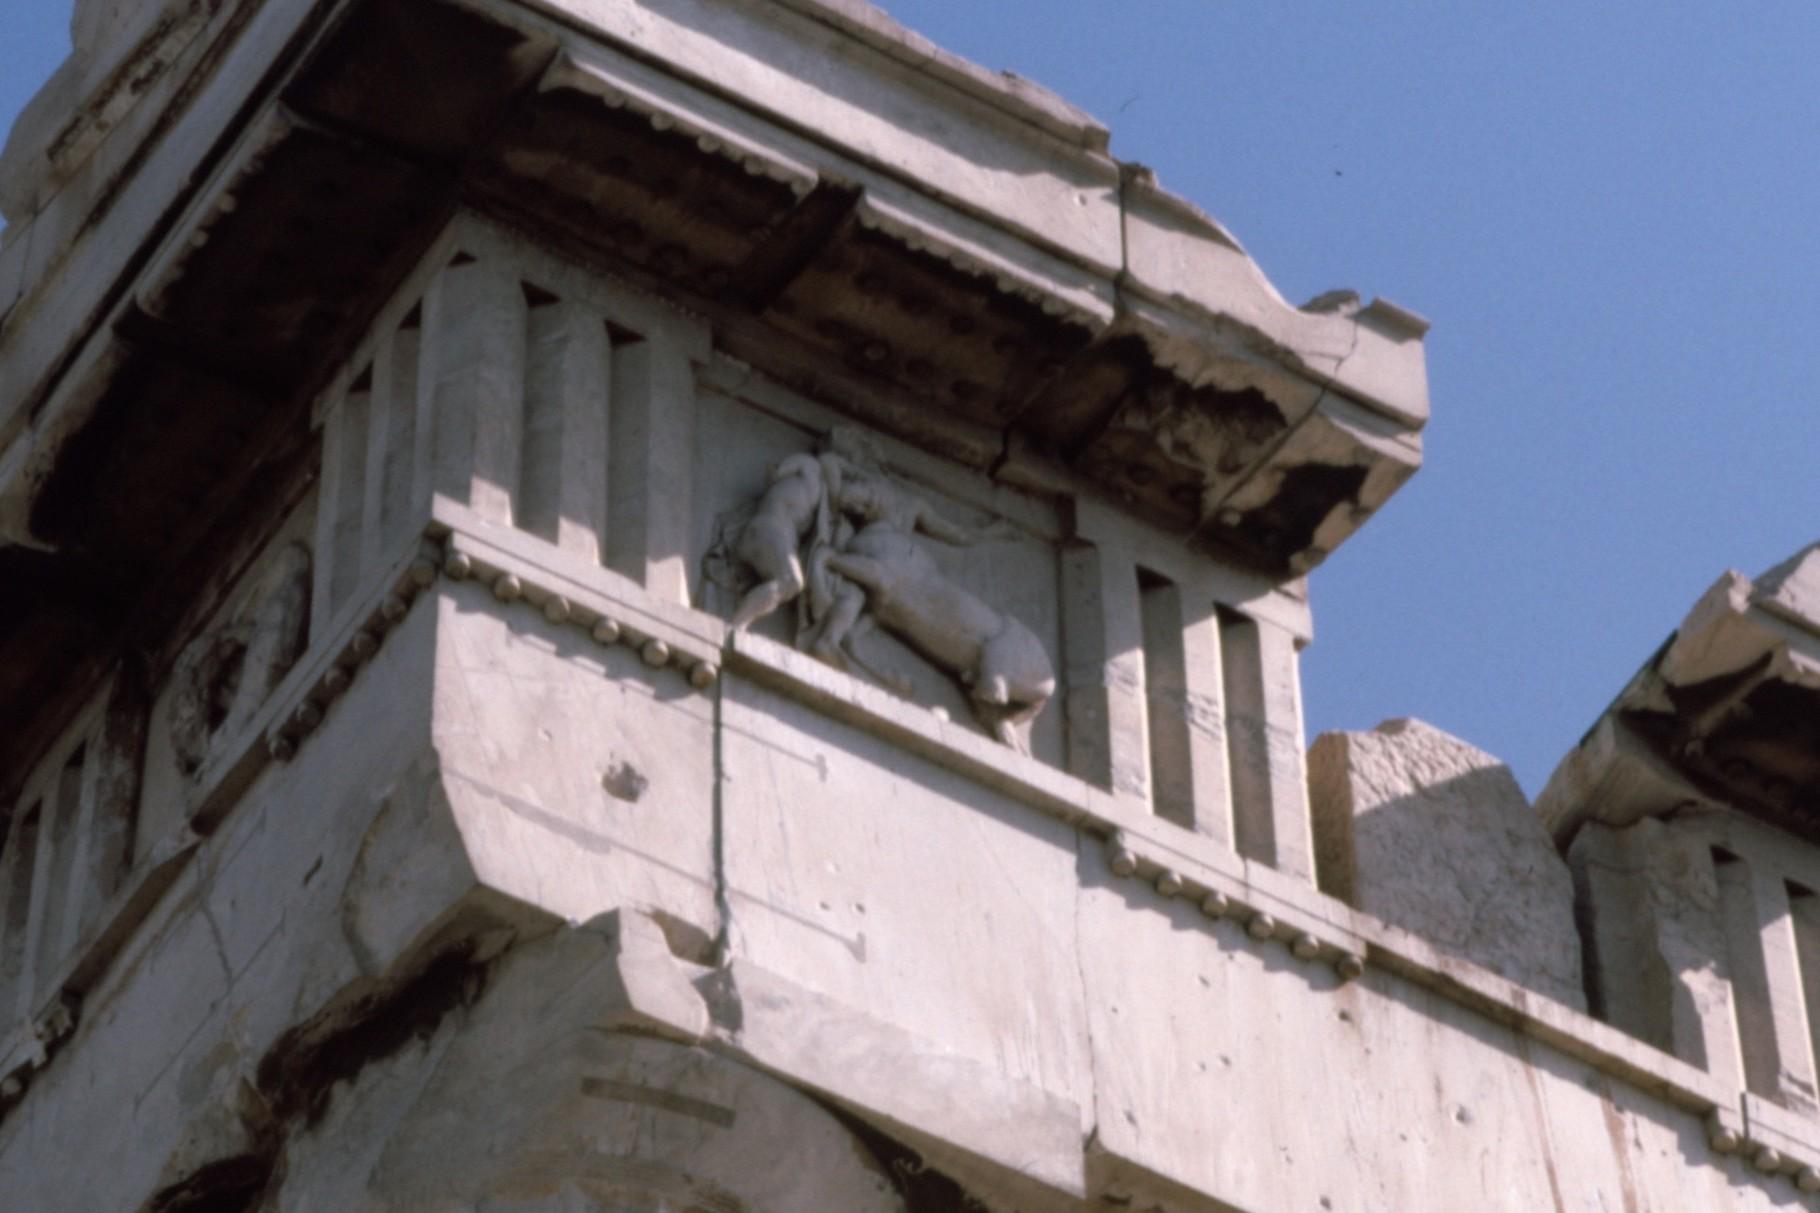 梁の上の装飾帯(フリーズ)に残る彫刻